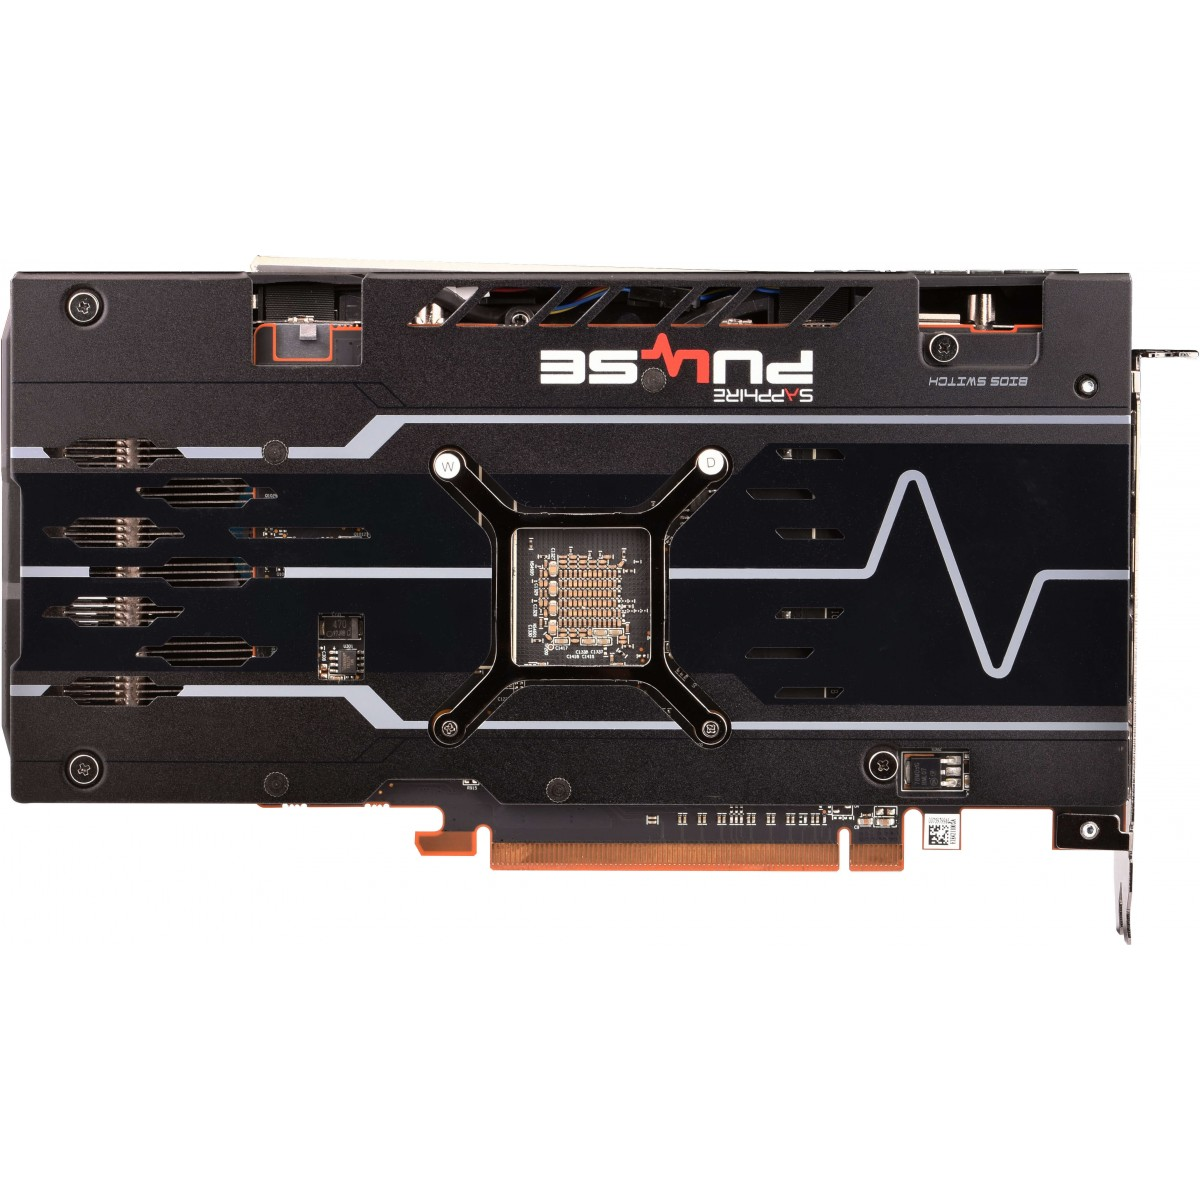 Placa de Vídeo Sapphire Radeon RX 5500XT, 4GB GDDR6, 128BIT, 11295-03-20G